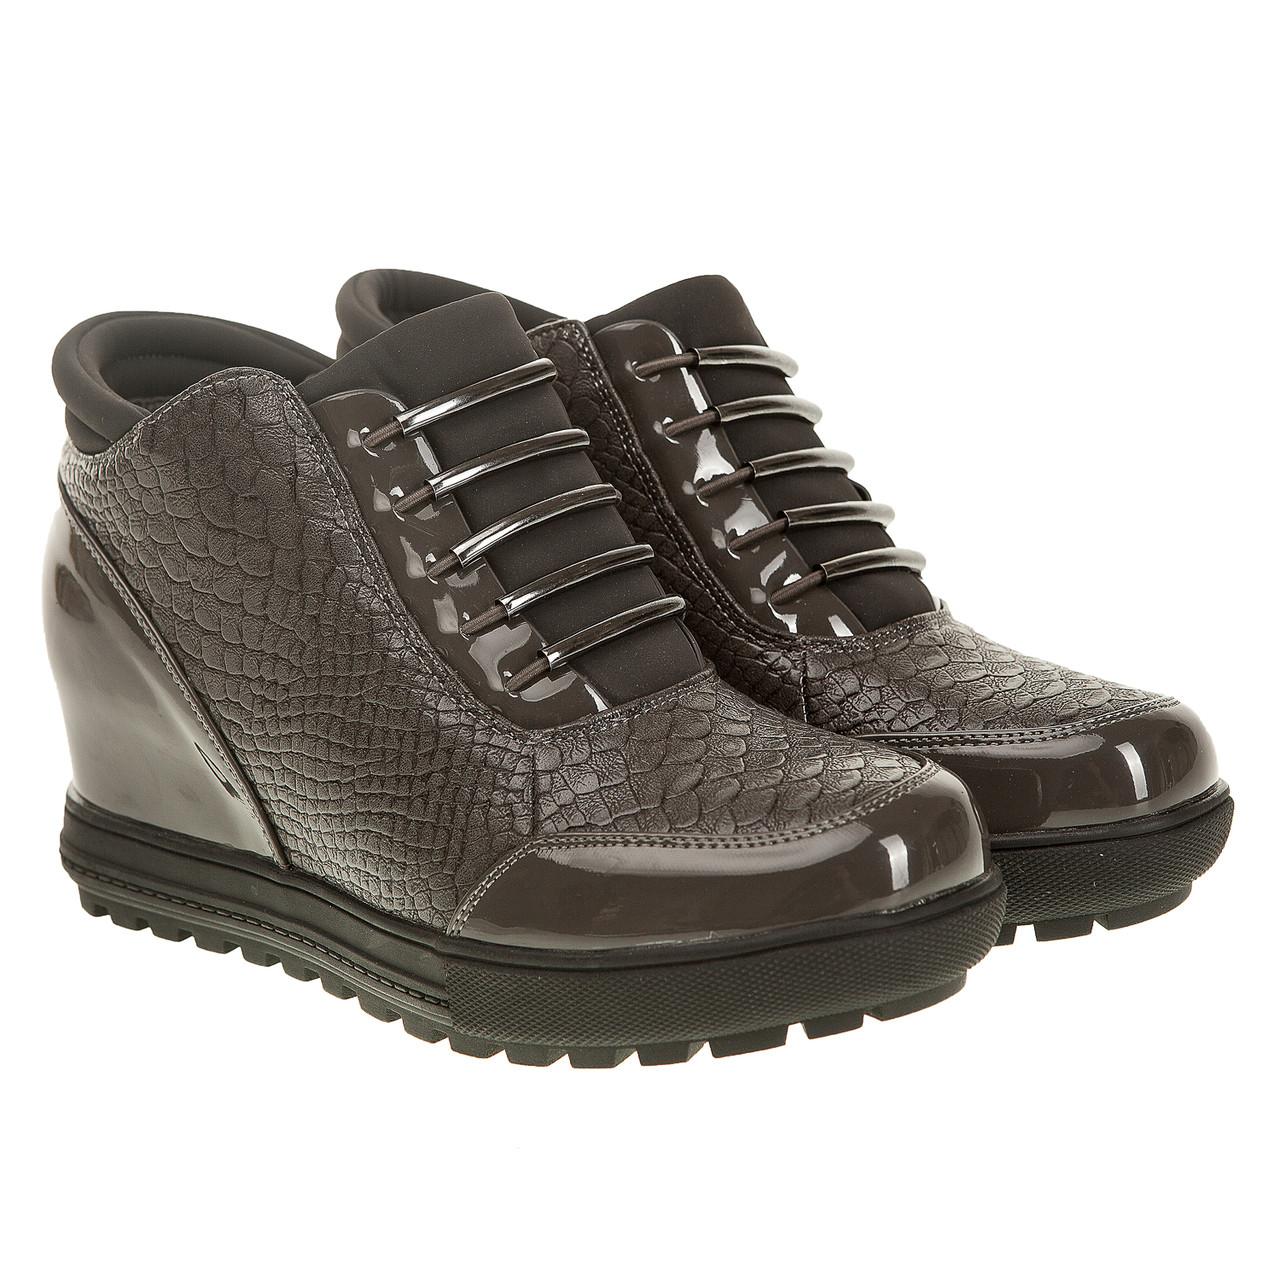 f4af8990e Женские ботинки S. Barski (серого цвета, оригинальные, удобные, практичные)